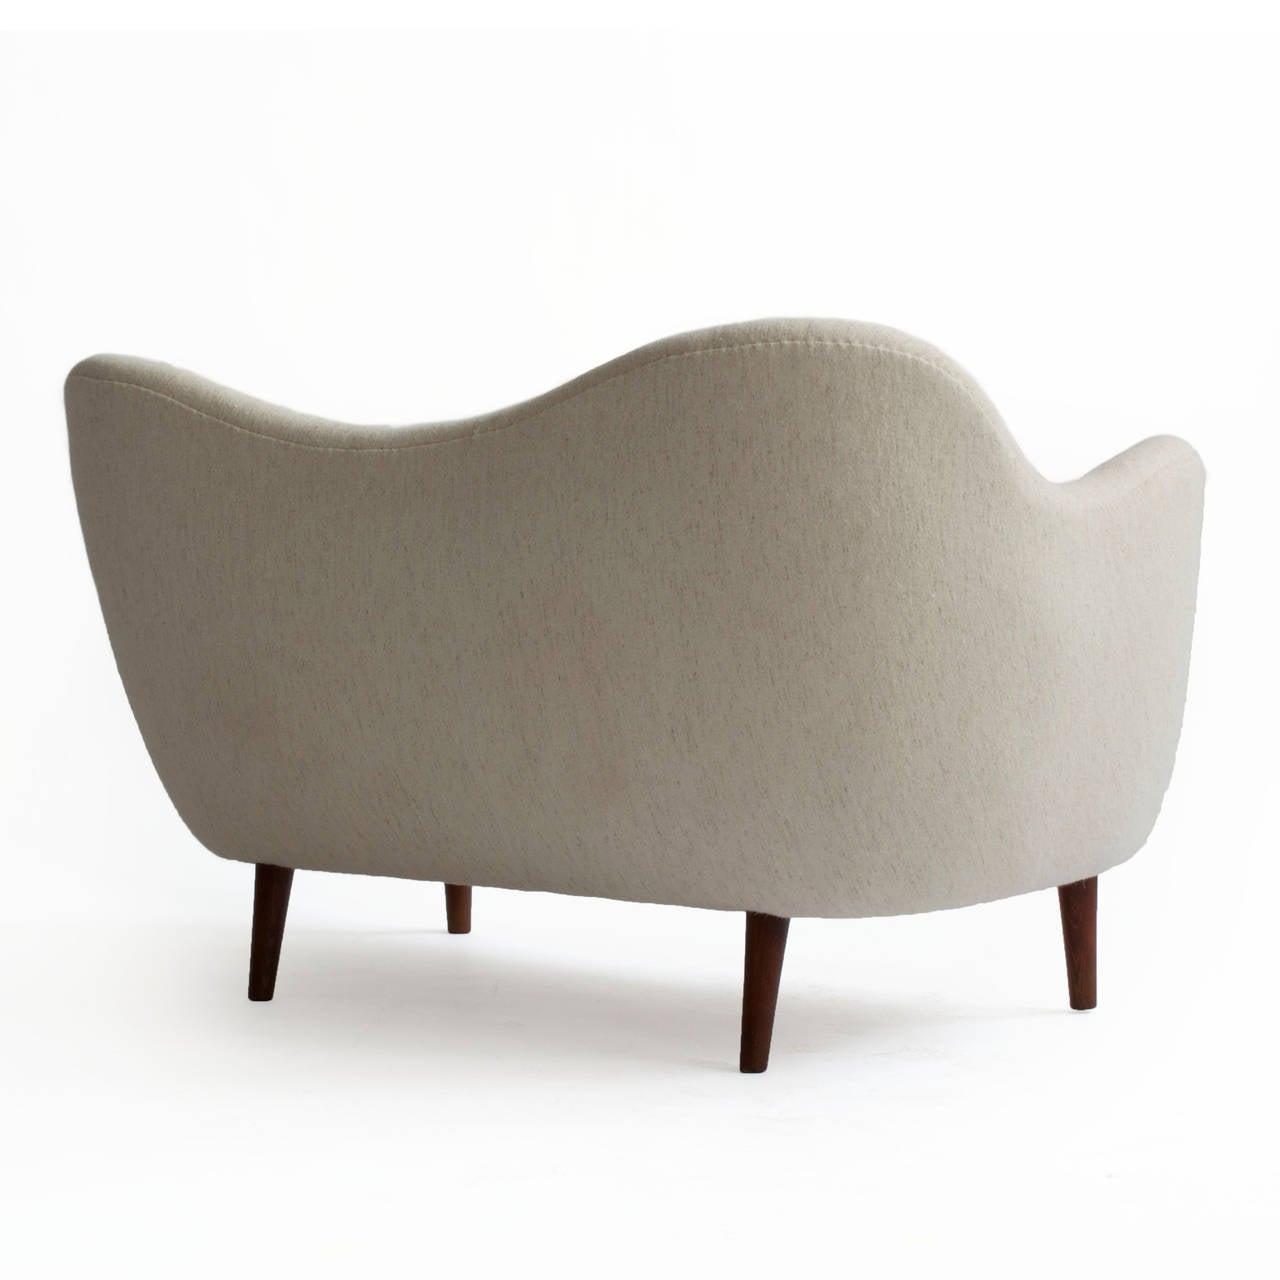 finn juhl poet sofa sale bergamo grey sectional leather bo46 bovirke at 1stdibs